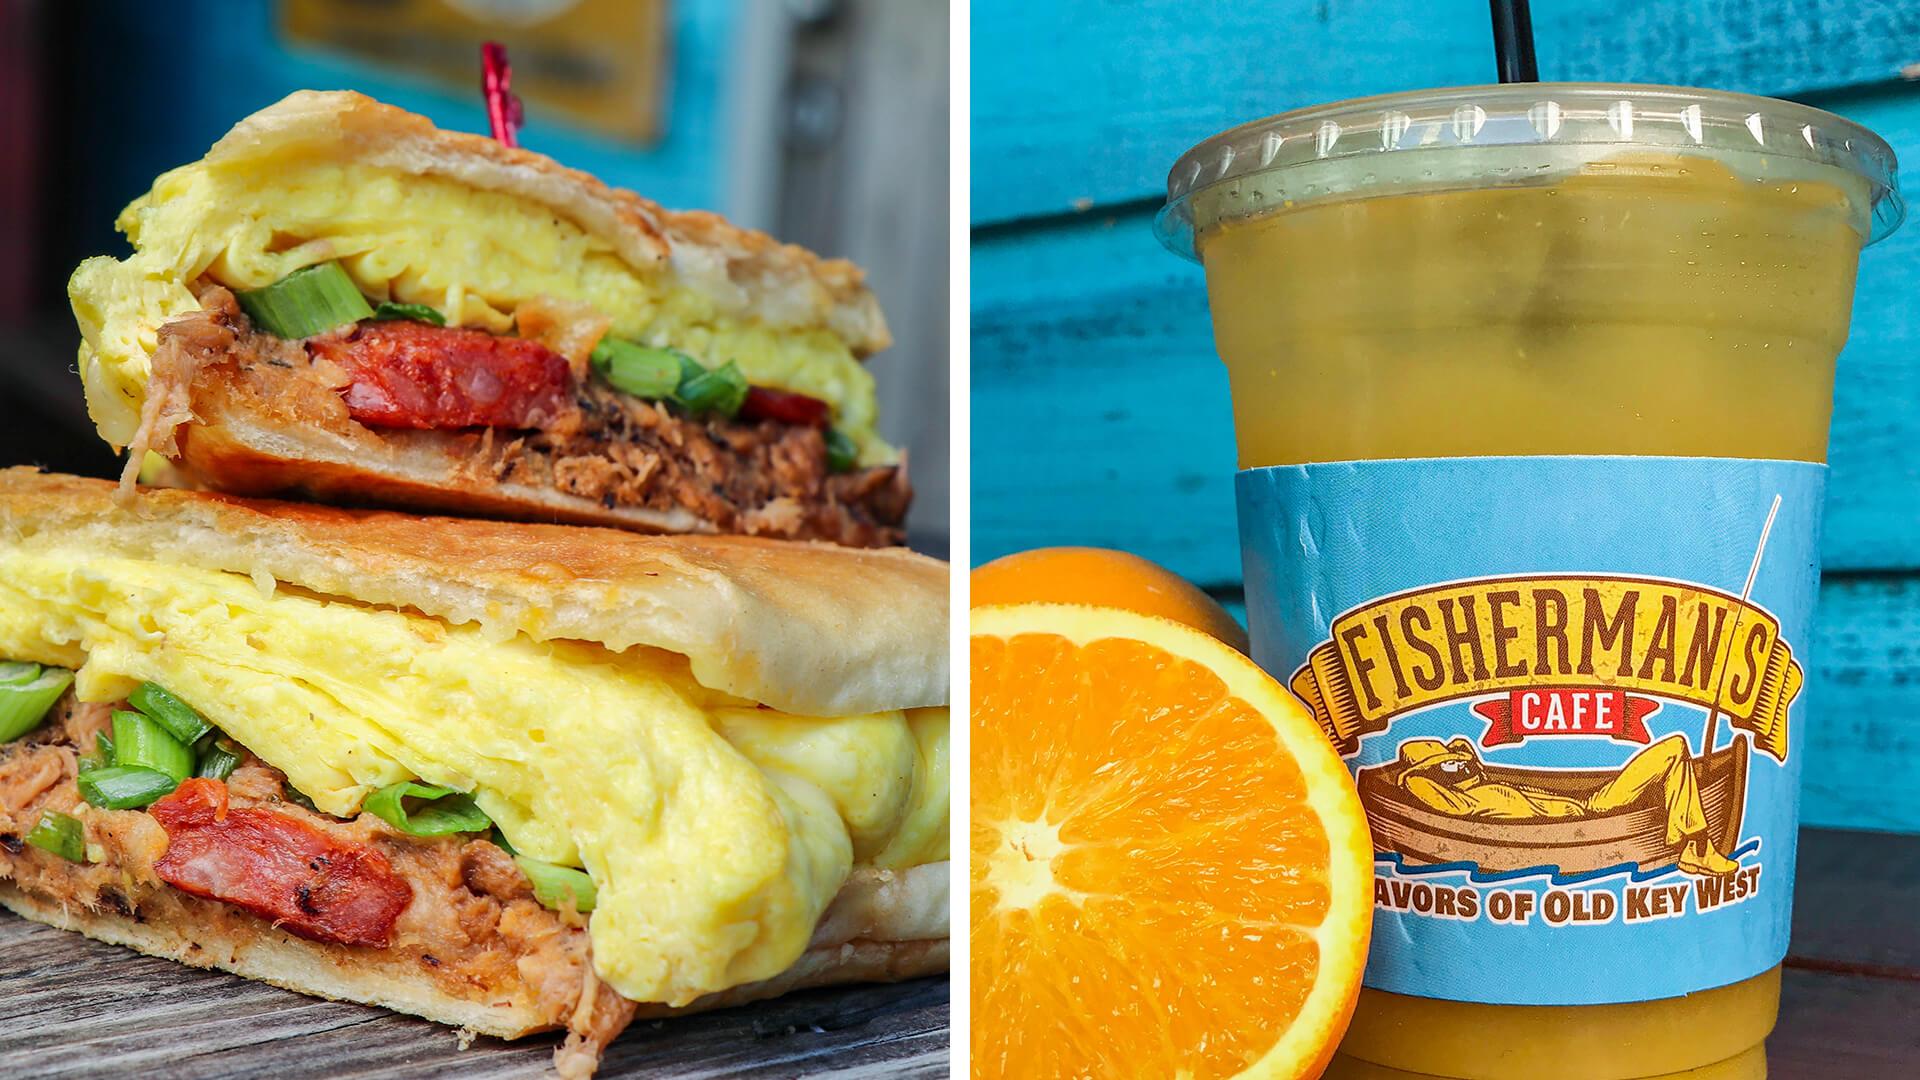 orange juice and cuban breakfast sandwich from Fisherman's Cafe in key west